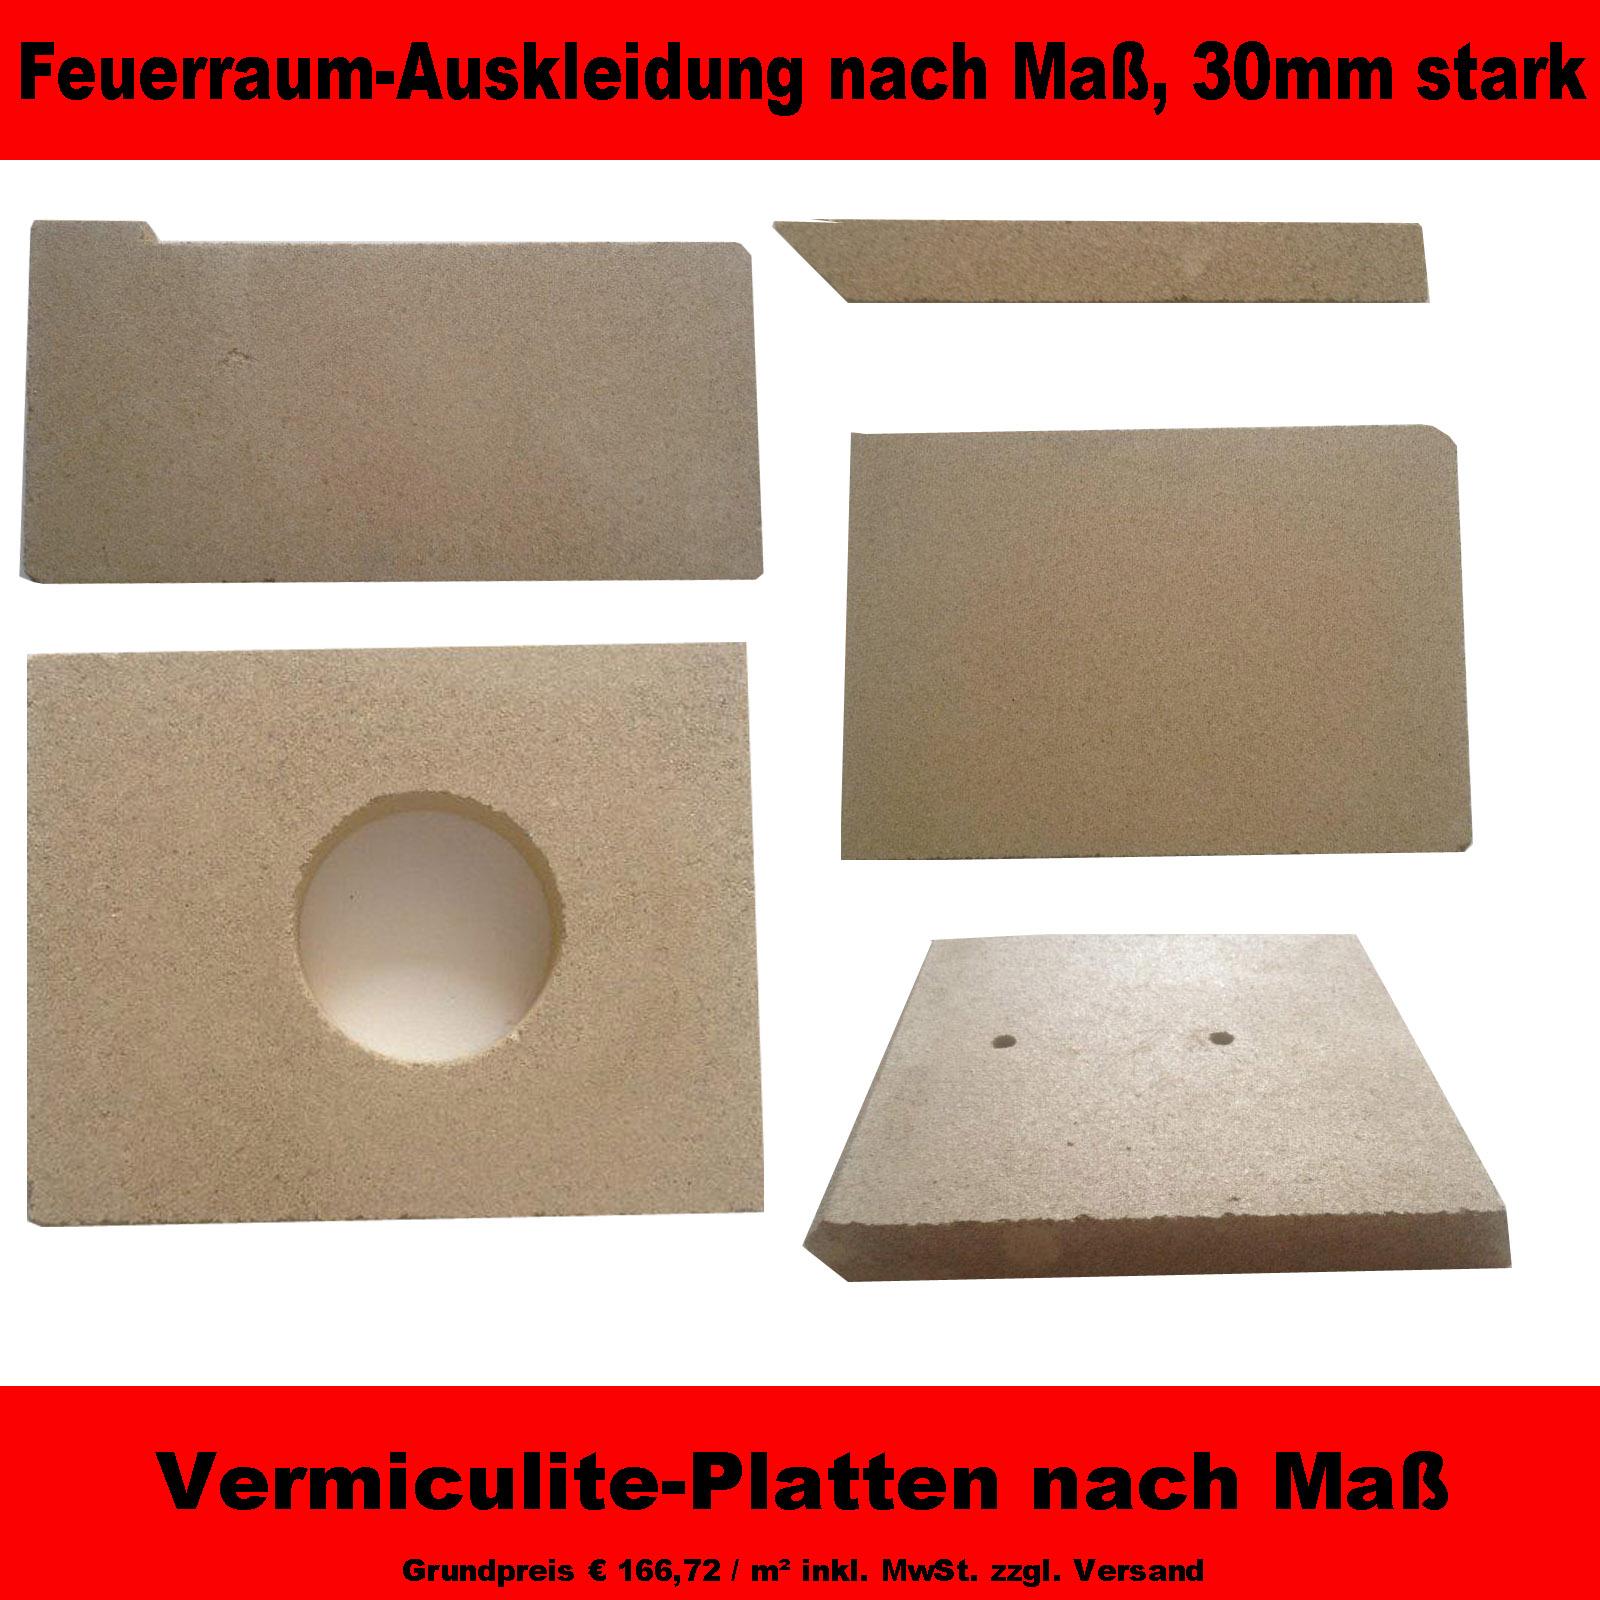 Vermiculite platten kleben